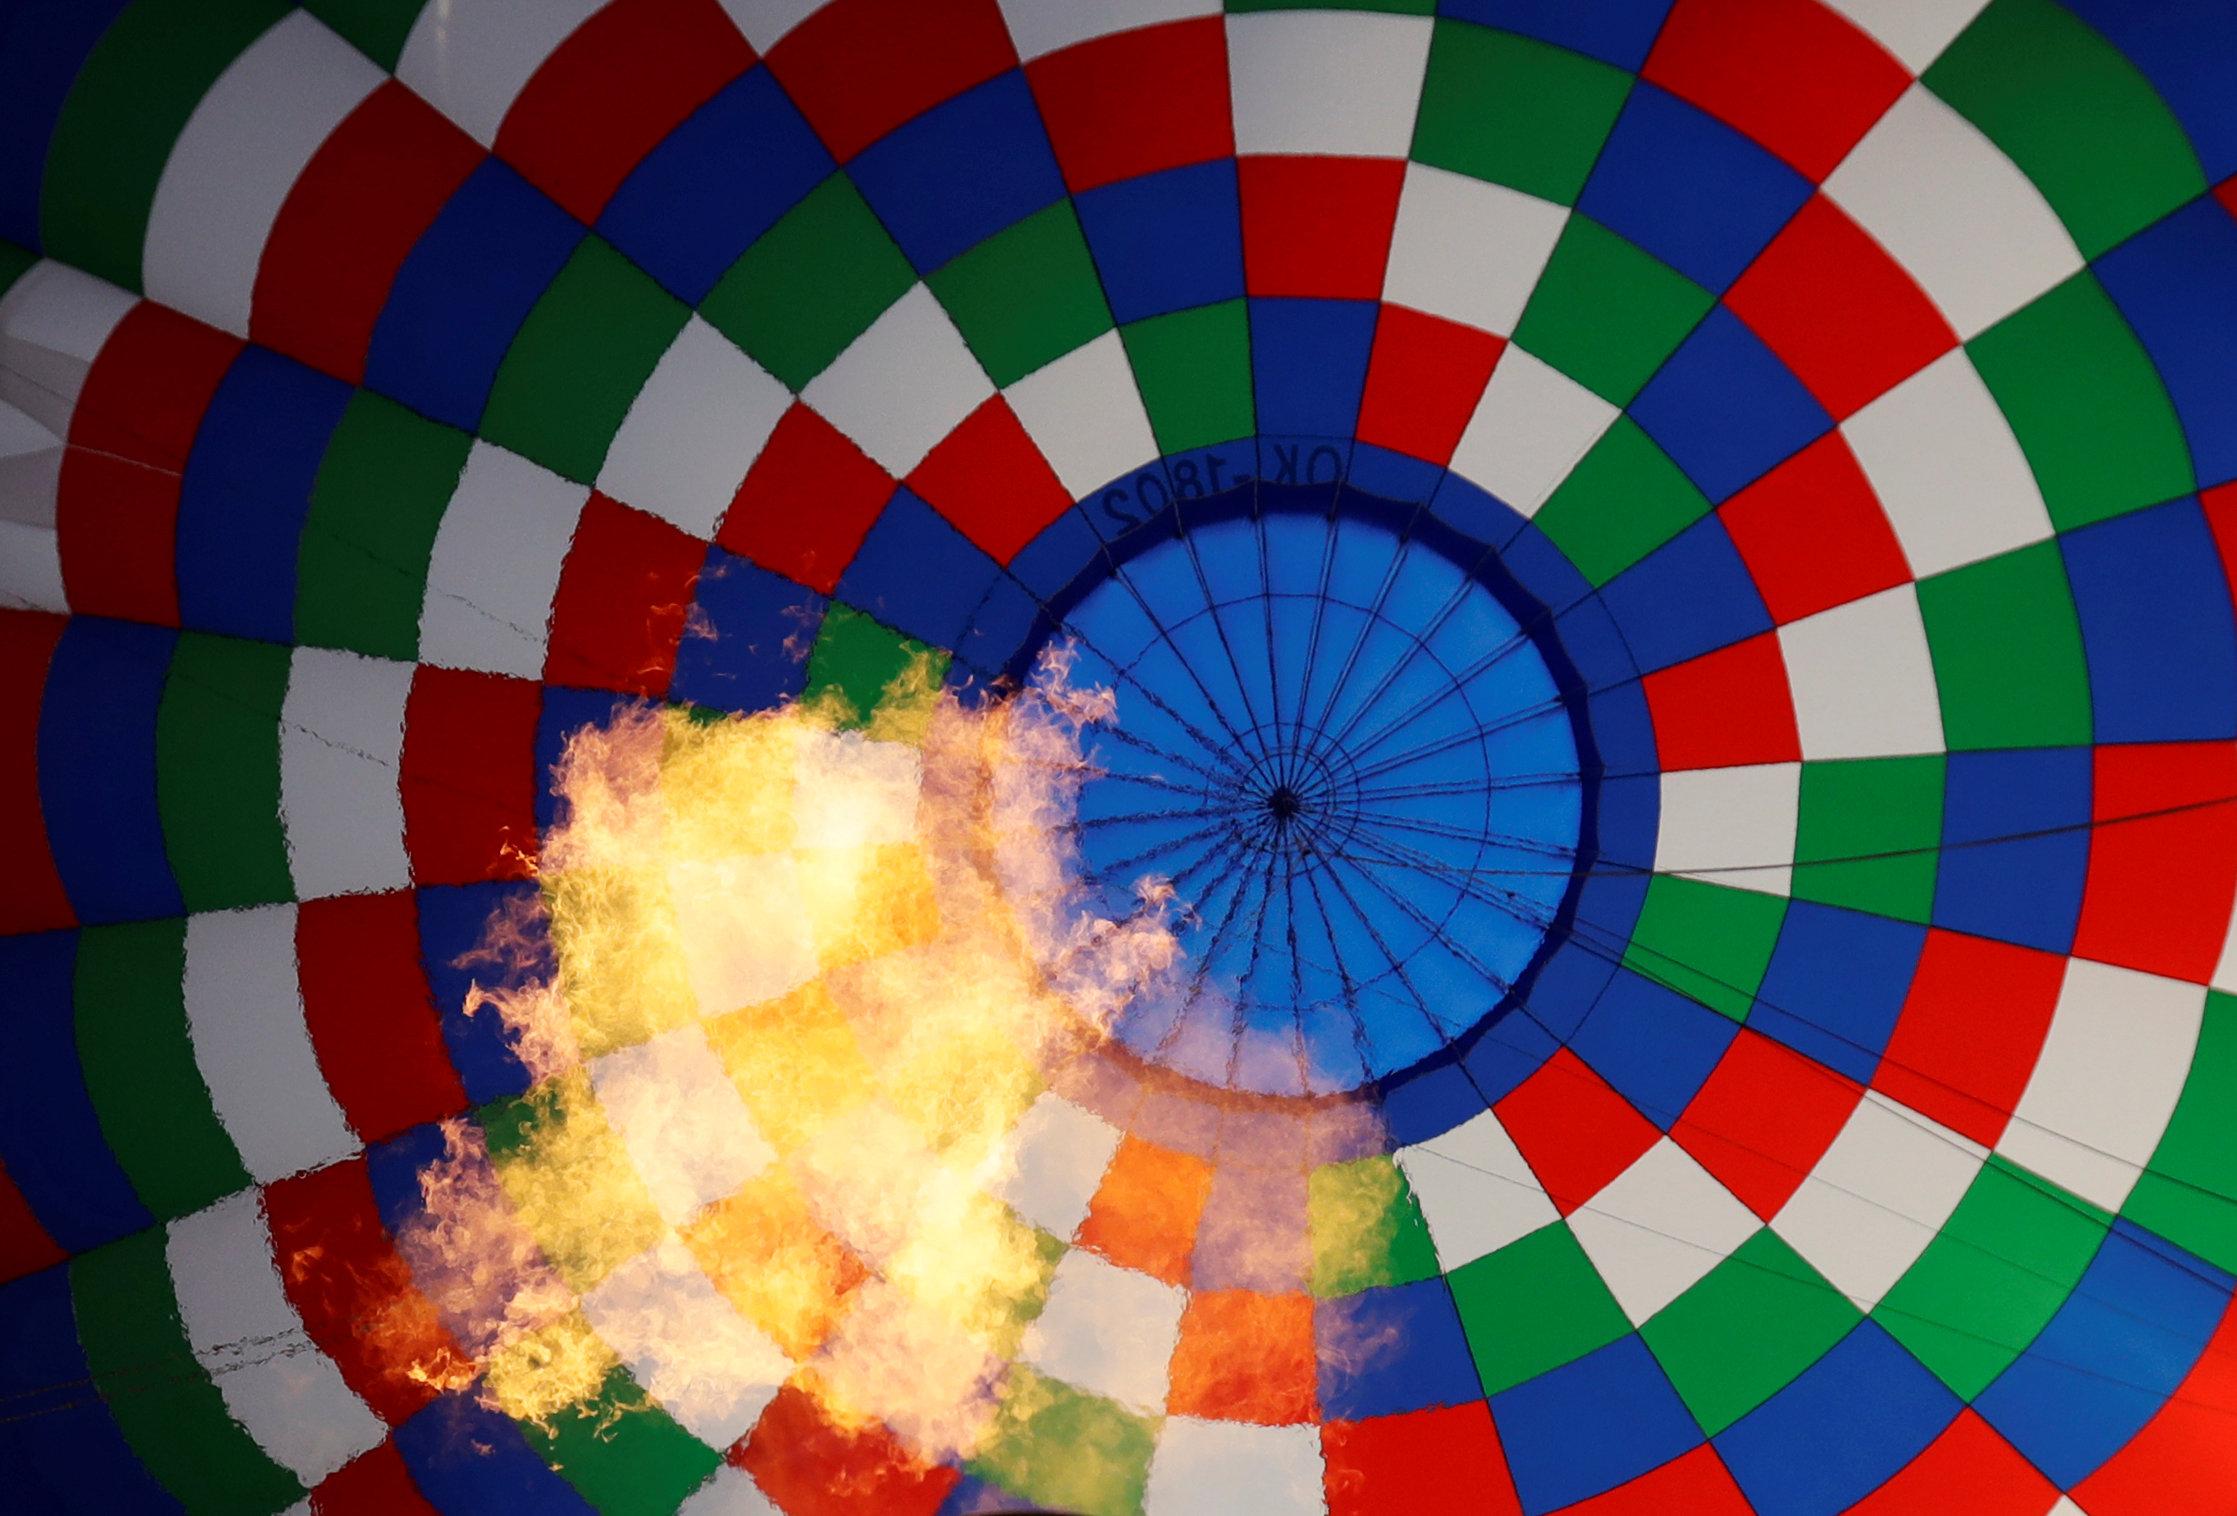 النيران داخل البالون